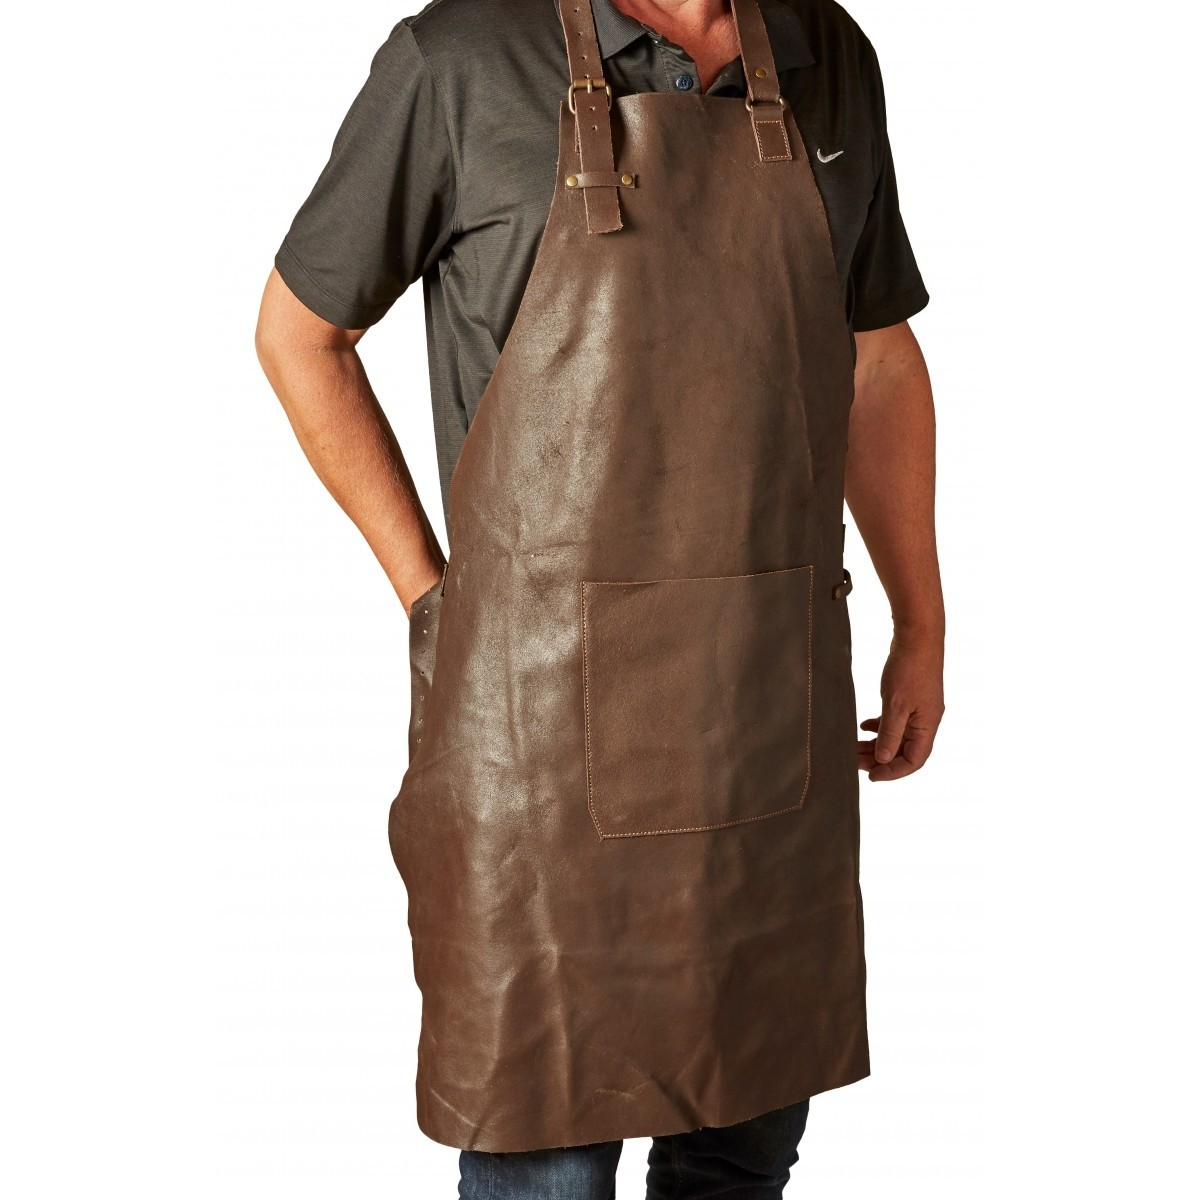 DACORE Skindforklæde m/lomme - mørk brun